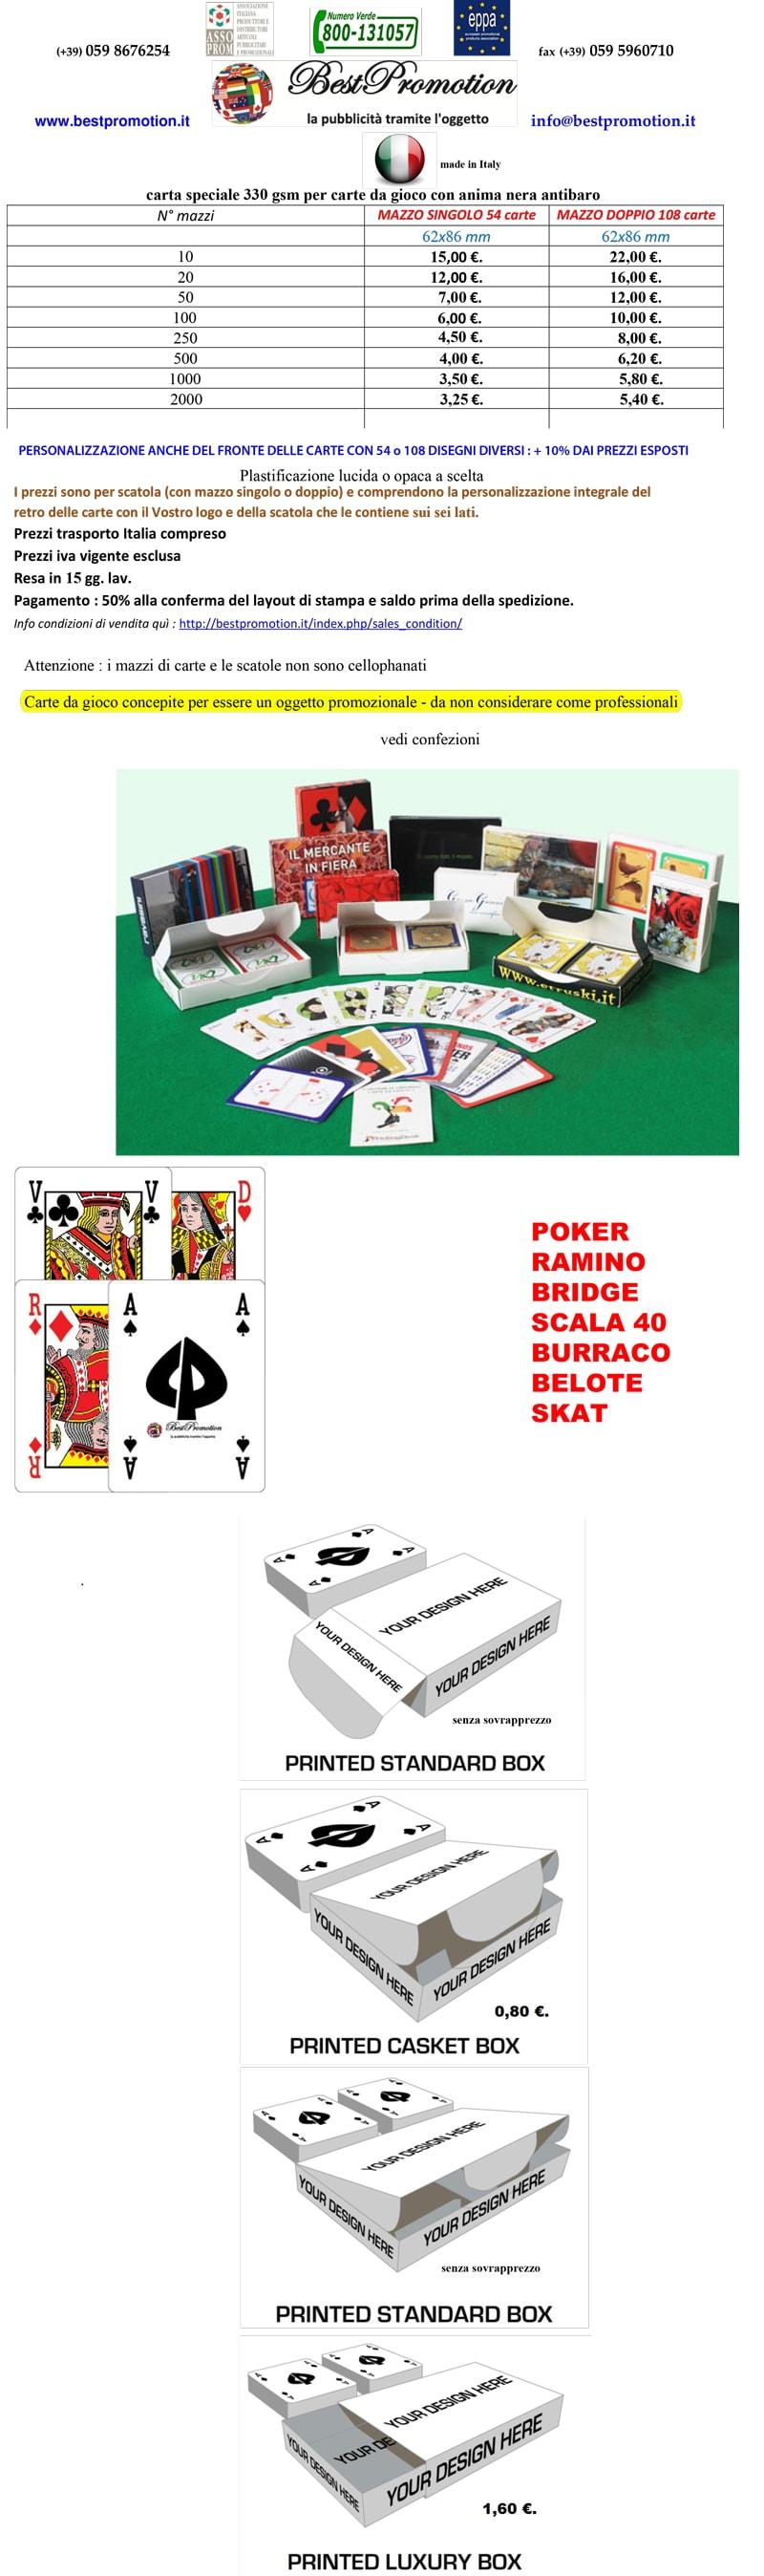 carte da poker ramino burraco personalizzate